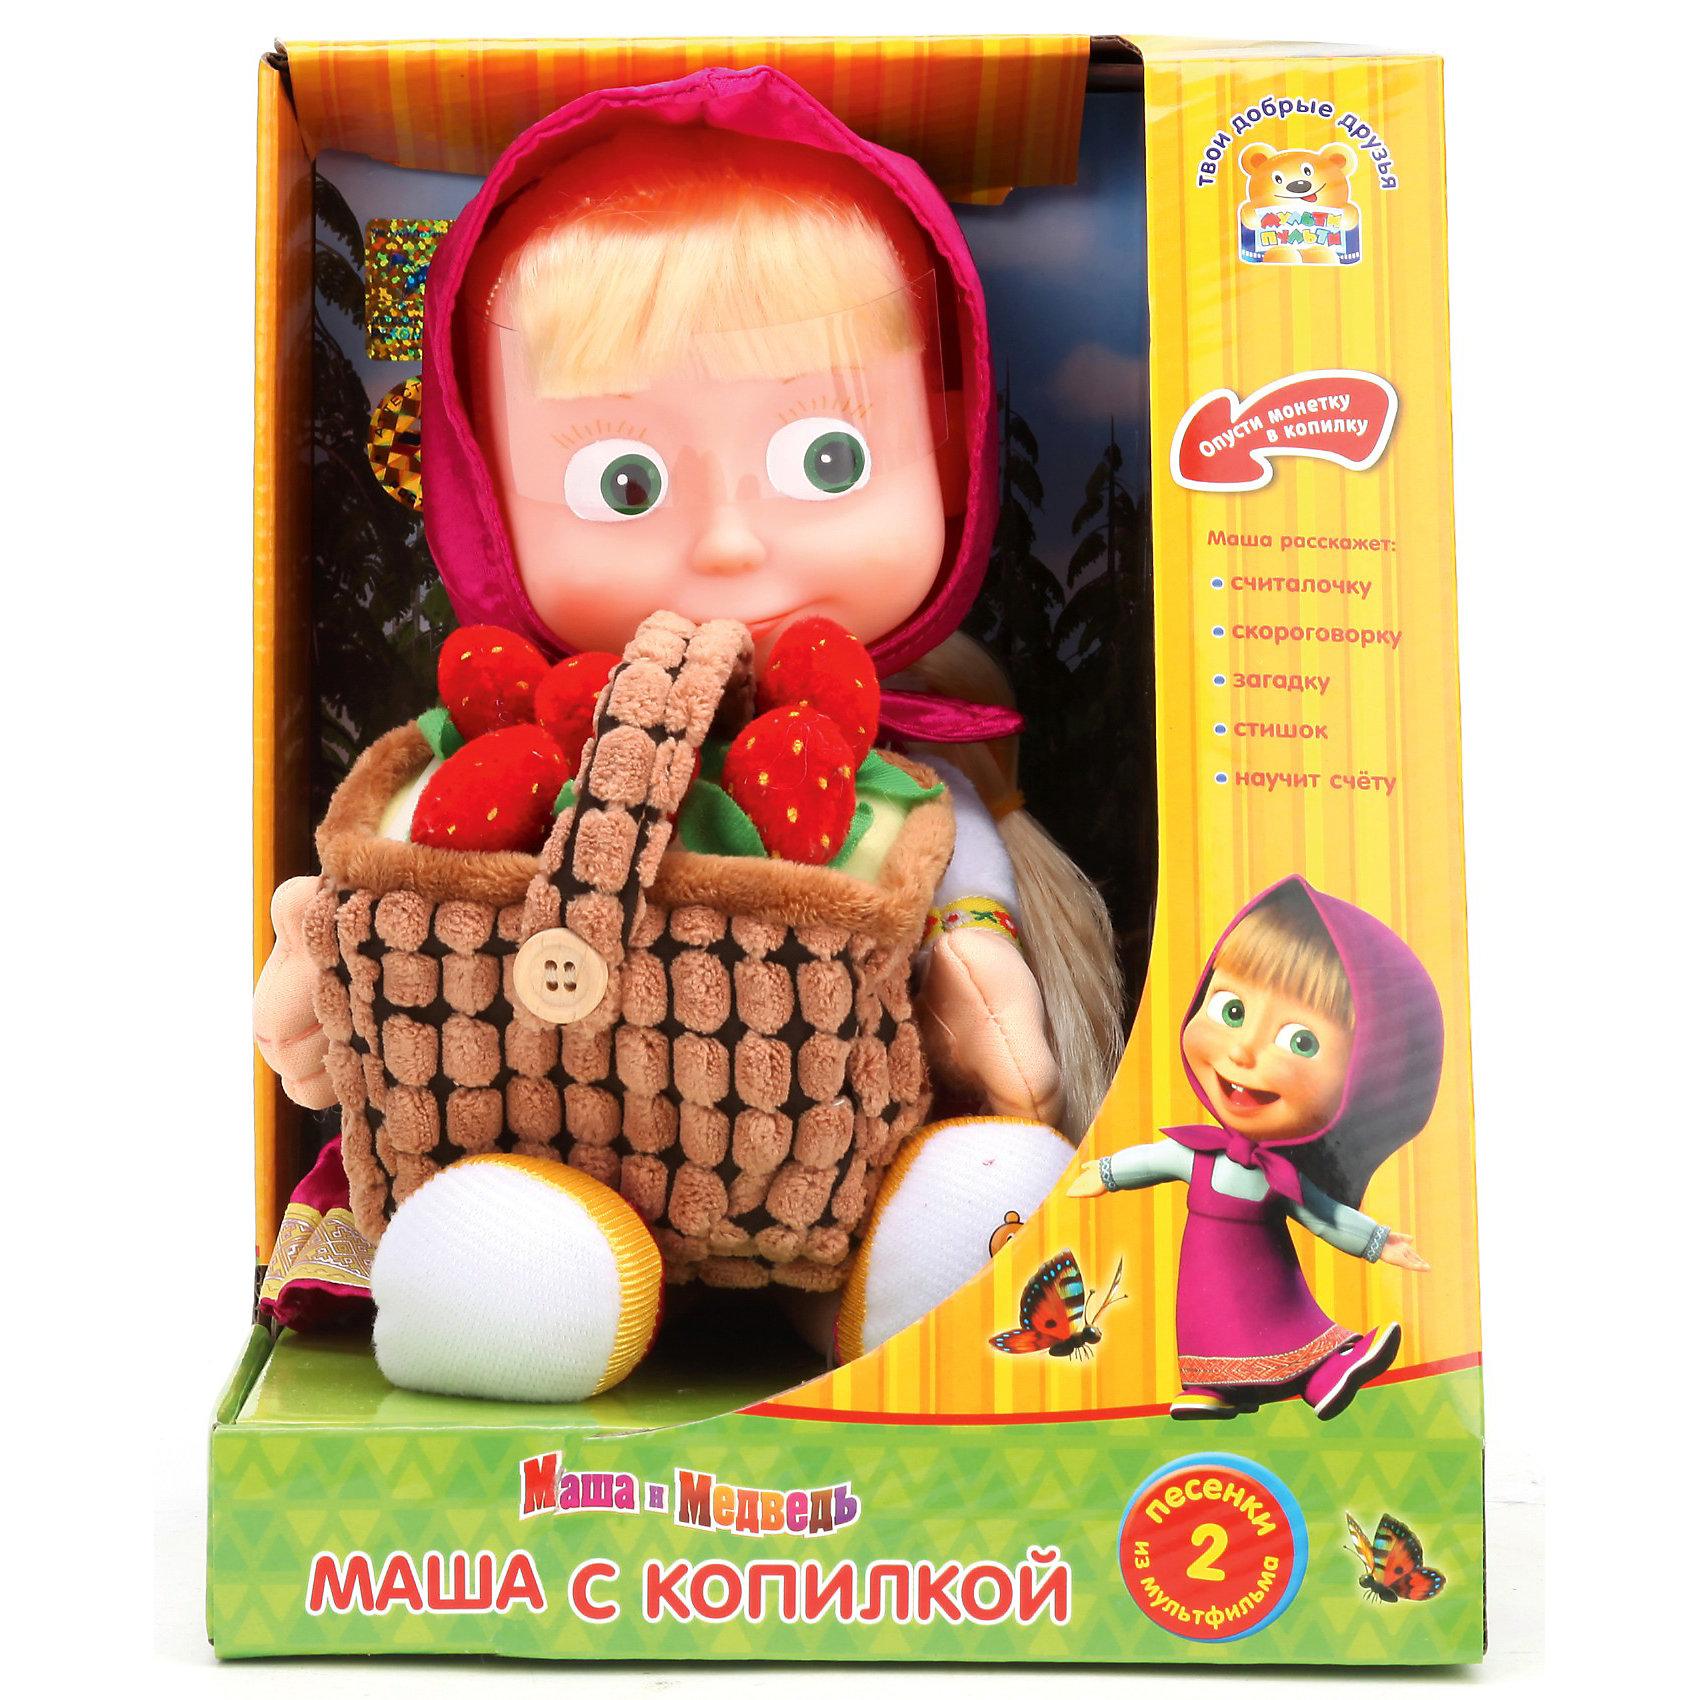 Маша с копилкой для денег, Маша и медведь, МУЛЬТИ-ПУЛЬТИМягкая игрушка Маша с копилкой для денег, Маша и медведь, Мульти-Пульти станет замечательным подарком для Вашего ребенка. В серии мягких игрушек от бренда Мульти-Пульти представлено множество персонажей любимых мультфильмов и сказок. Веселая, озорная девочка Маша - главная героиня популярного мультсериала Маша и Медведь, внешний вид игрушки соответствует своему персонажу из мультфильма. В руках у Маши корзинка-копилка, бросая в нее монетки Вы услышите фразы из мультфильма голосом персонажа, стихи и веселые песенки.<br><br>Дополнительная информация:<br><br>- Материал: искусственный мех, текстиль, набивка: полиэфирное волокно.<br>- Требуются батарейки (демонстрационные входят в комплект). <br>- Размер игрушки: 30 см.<br>- Размер упаковки: 20 ? 17 ? 26 см.<br>- Вес: 0,58 кг.<br><br>Мягкую игрушку Маша с копилкой для денег, Маша и Медведь, Мульти-Пульти можно купить в нашем интернет-магазине.<br><br>Ширина мм: 200<br>Глубина мм: 170<br>Высота мм: 260<br>Вес г: 580<br>Возраст от месяцев: 12<br>Возраст до месяцев: 60<br>Пол: Унисекс<br>Возраст: Детский<br>SKU: 3778131